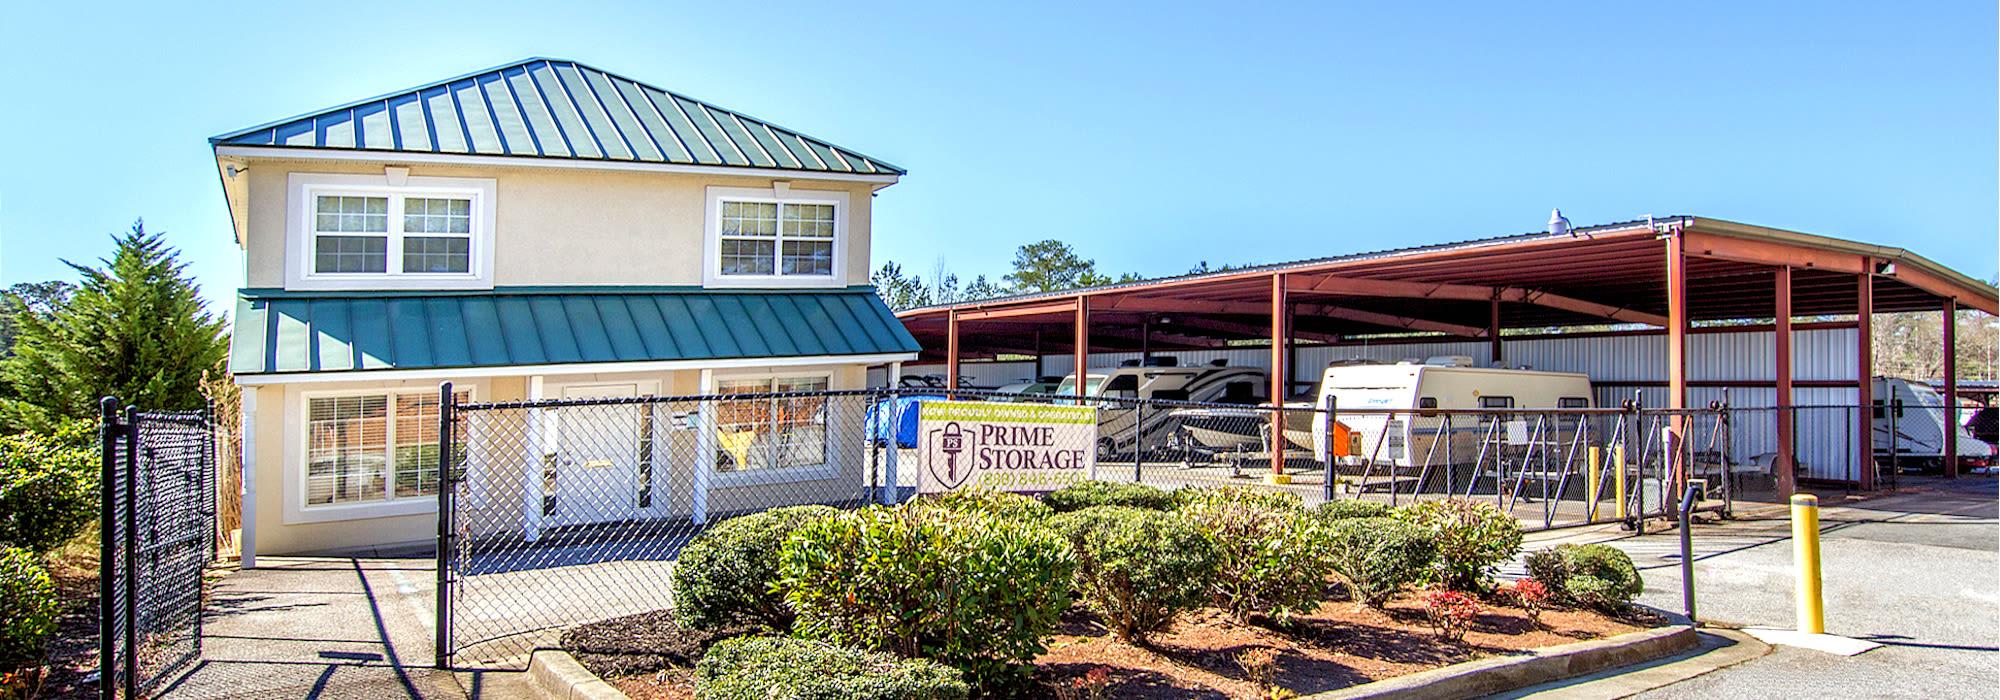 Prime Storage in Acworth, GA